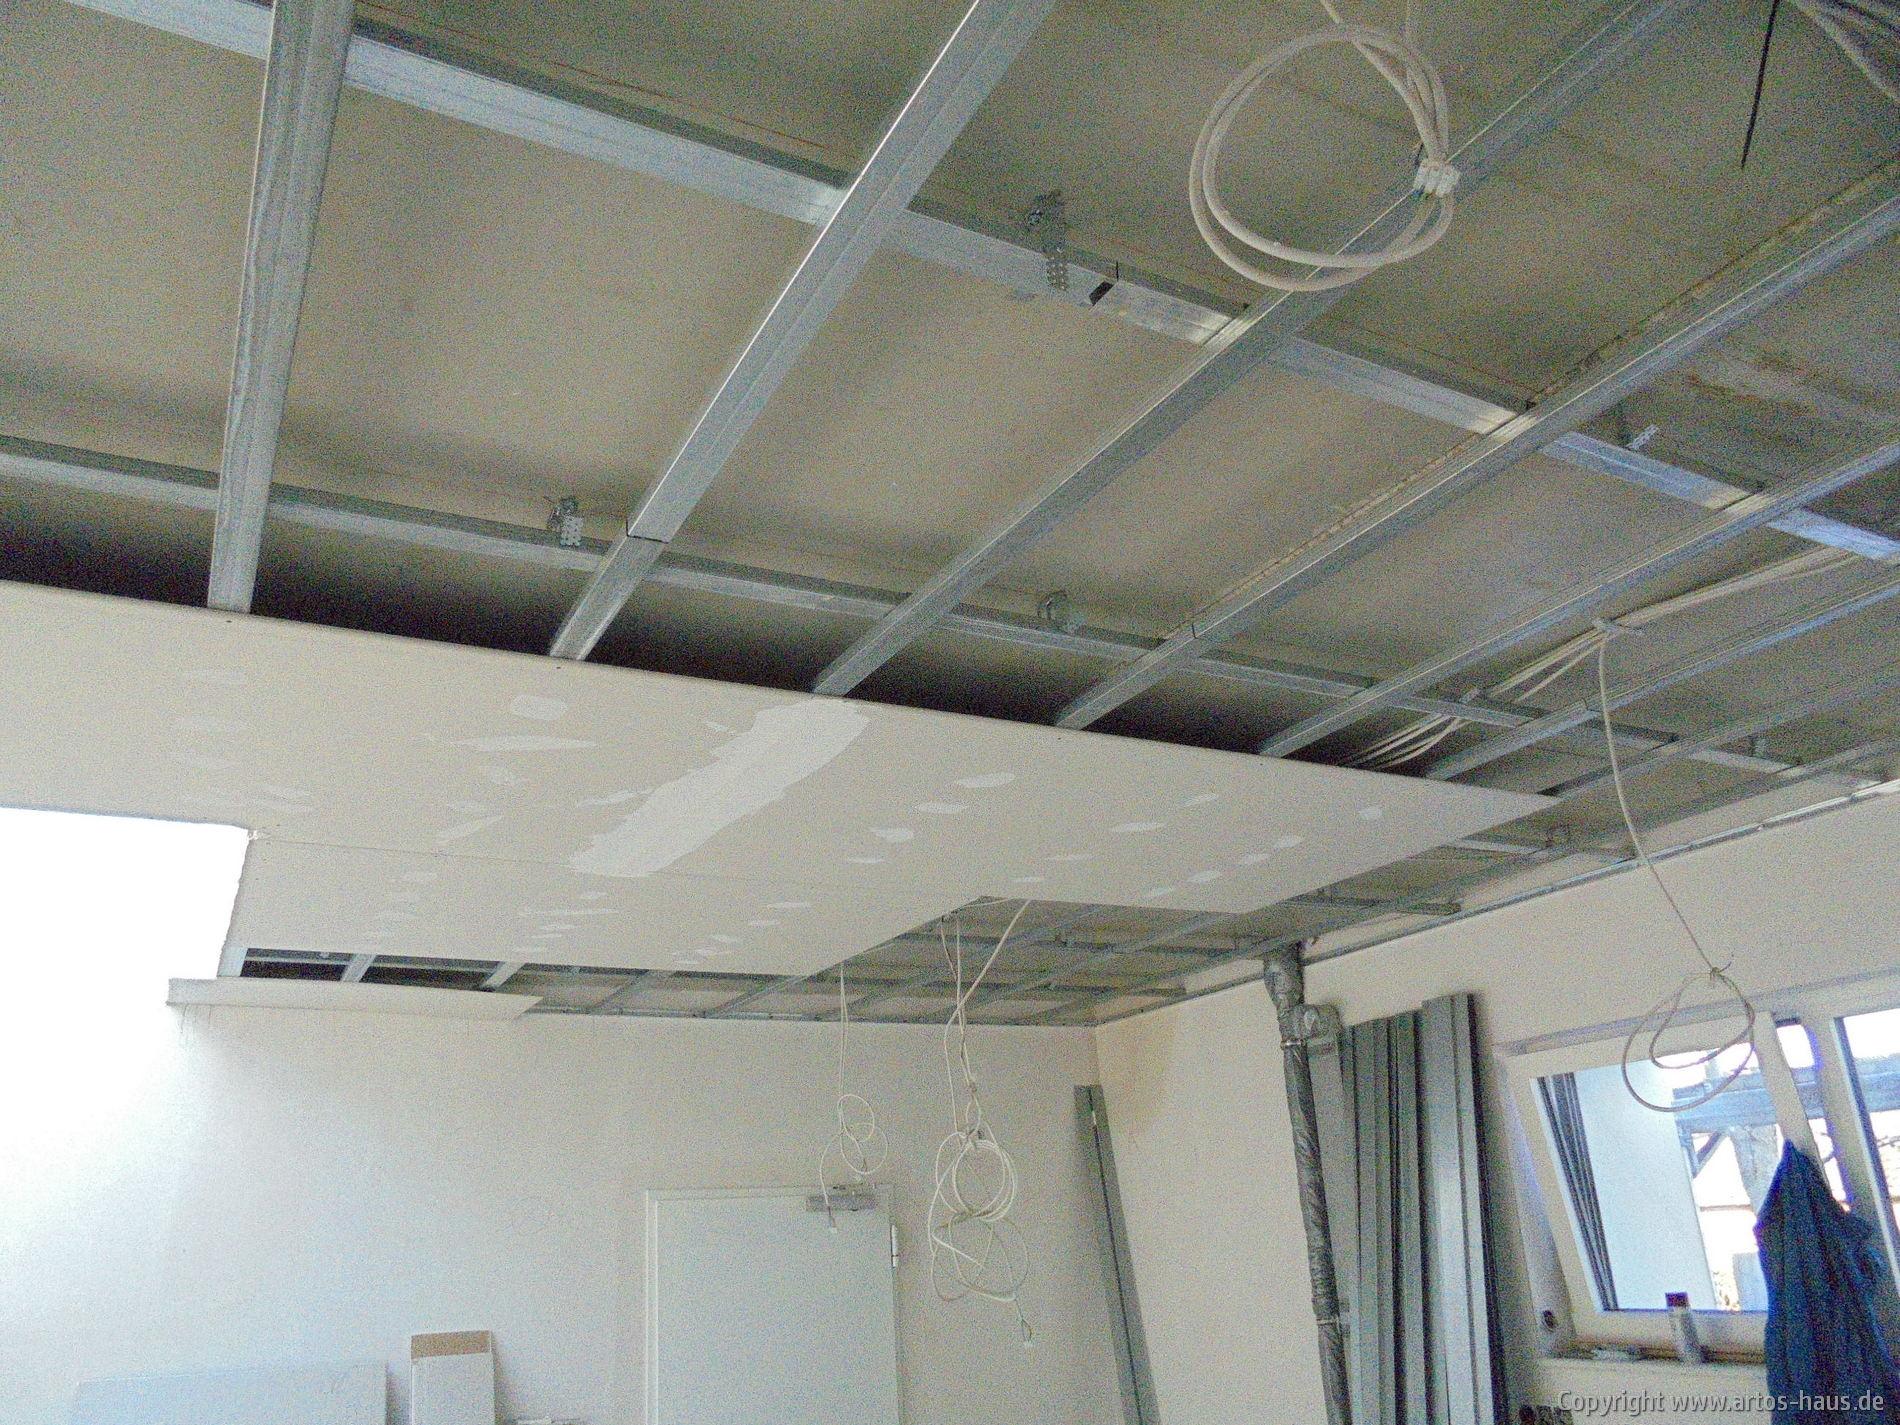 Abhangdecke | ARTOS-HAUS Bauvorhaben, Bild 2